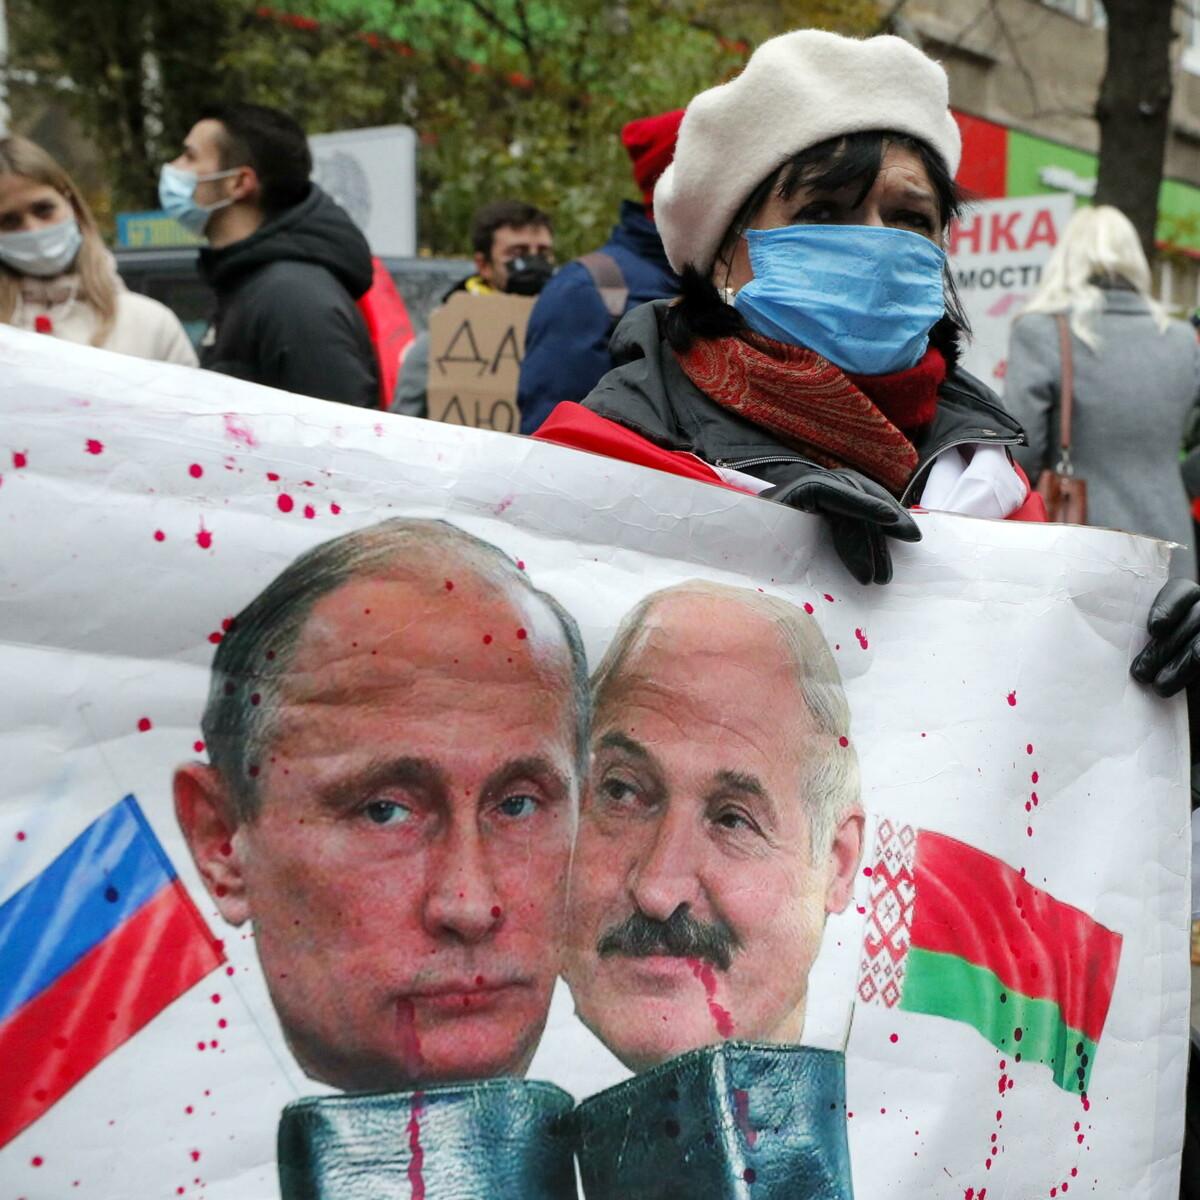 Morti misteriose e atleti olimpici che chiedono aiuto, cosa sta accadendo in Bielorussia